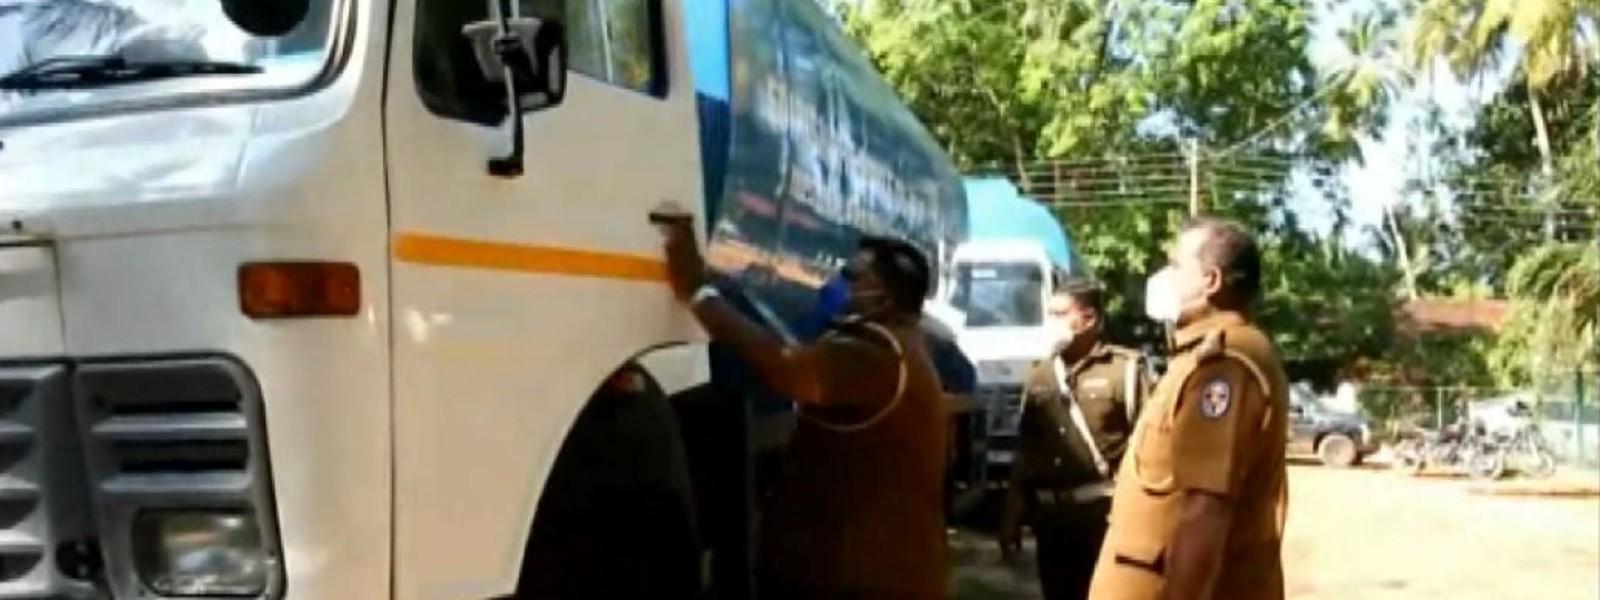 Court reprimands cops for releasing tanker trucks to customs, disregarding order